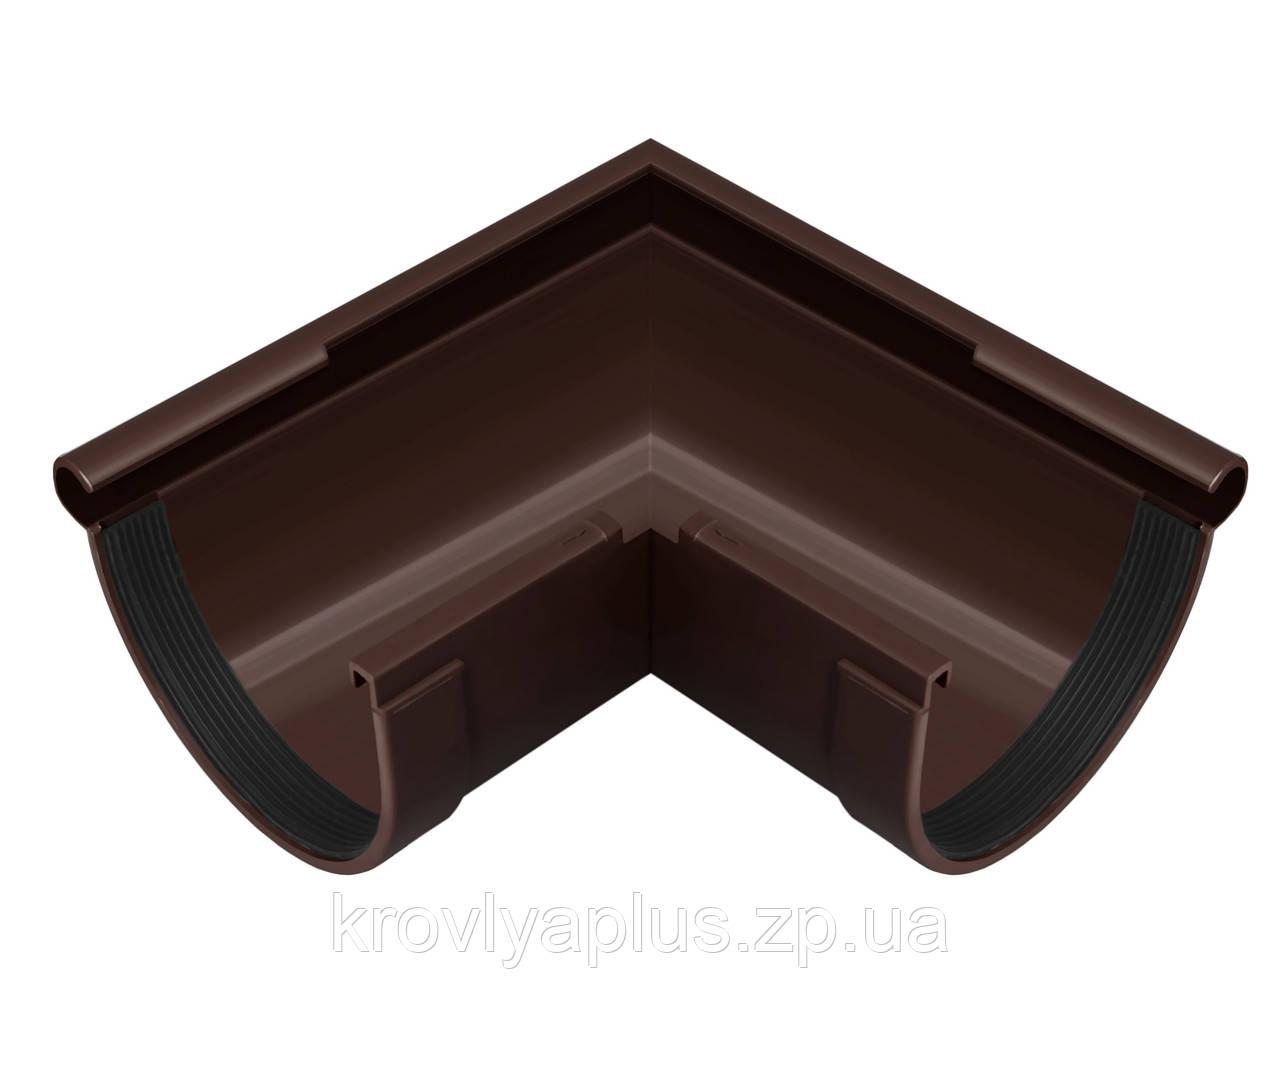 Угол (поворот) желоба наружный 90° Ø130 (Rainway, Украина), коричневая.